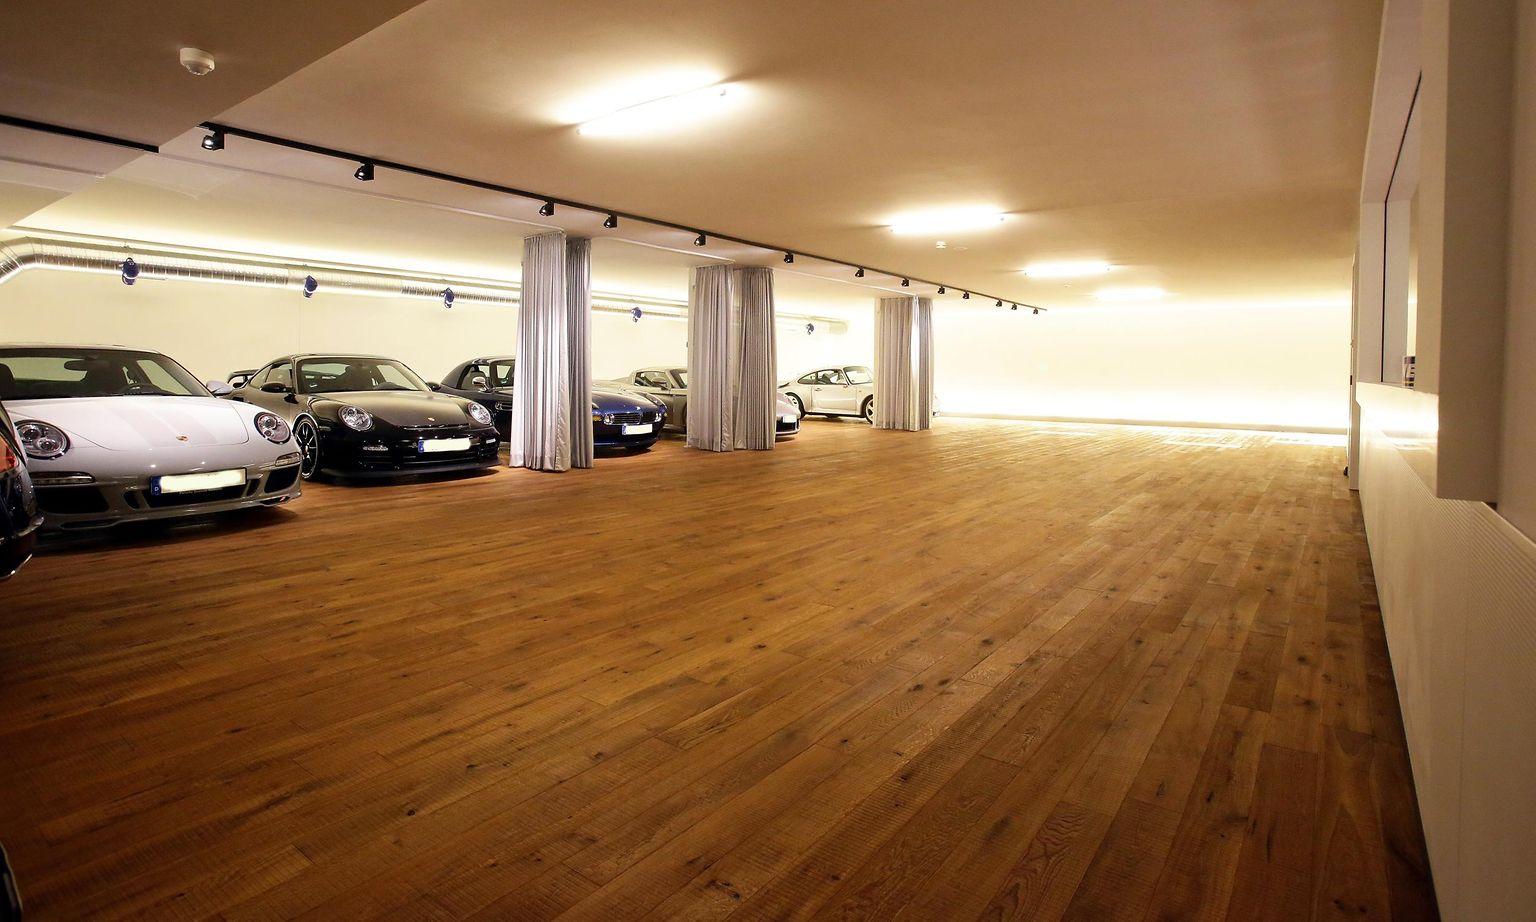 Rund 300 Quadratmeter Parkett sind in der Garage mit Thomsit P 625 verlegt